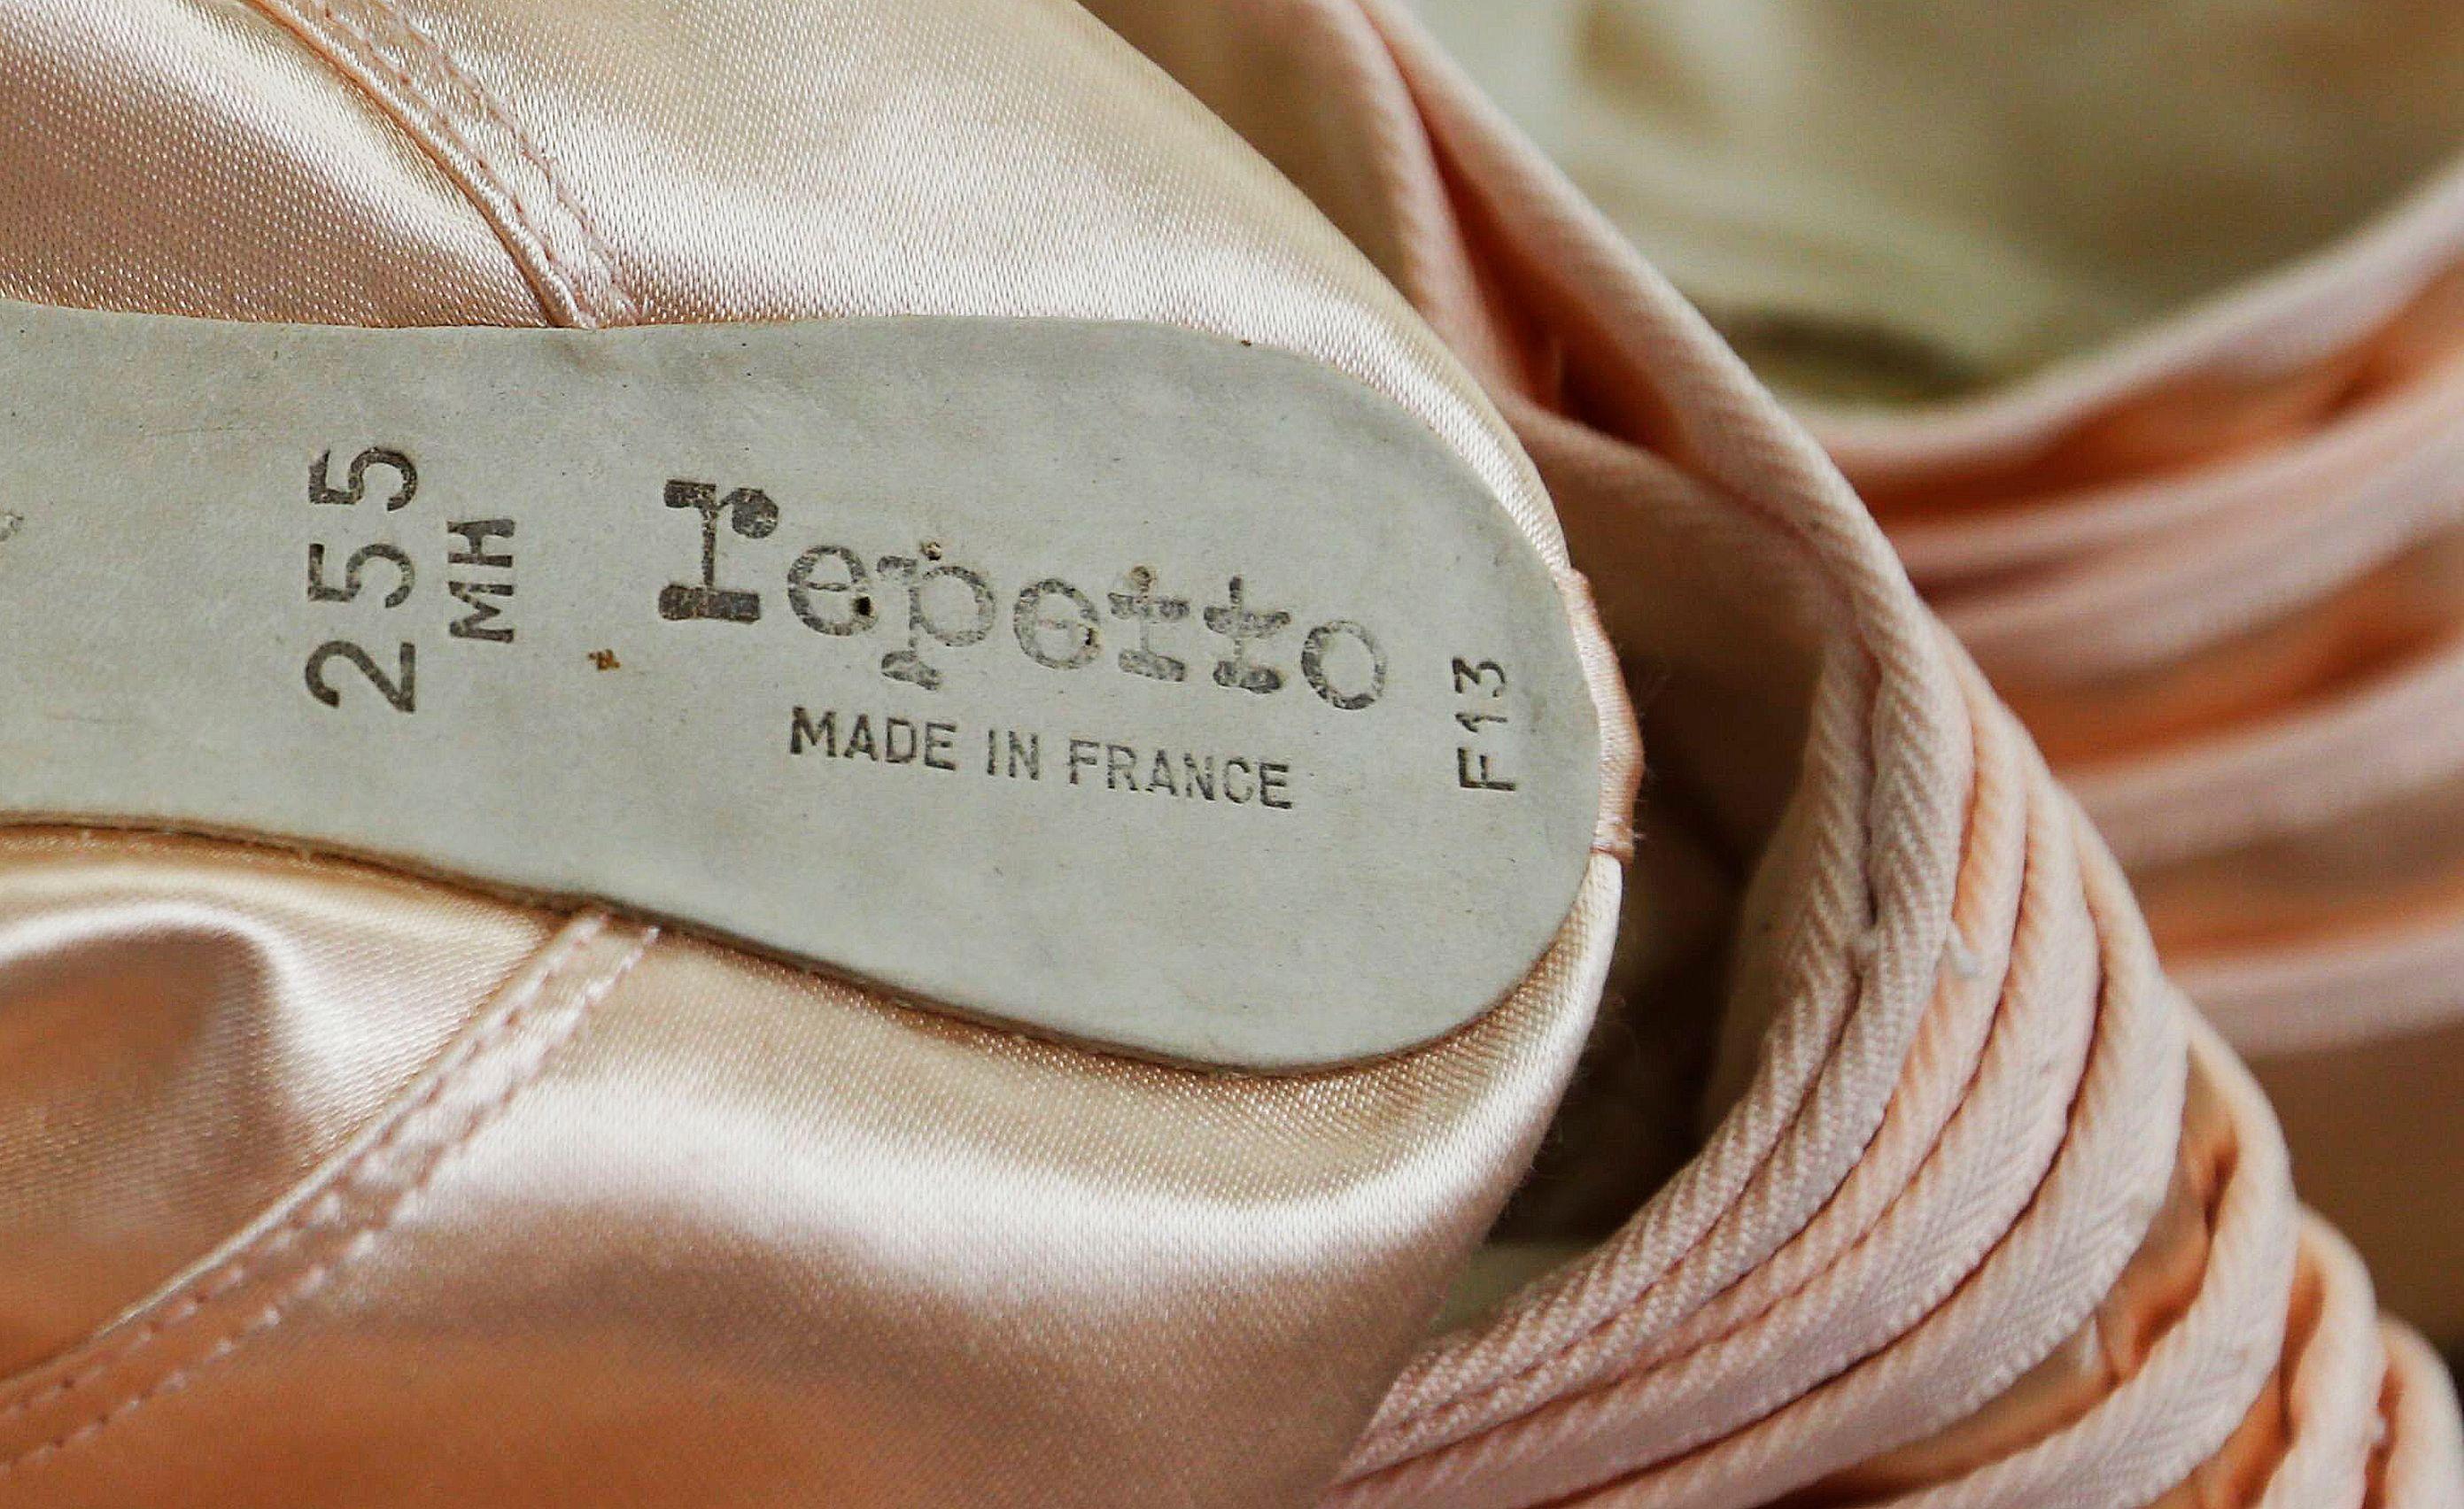 Le remplacement de produits importés par des produits fabriqués en France pourrait être très coûteux.